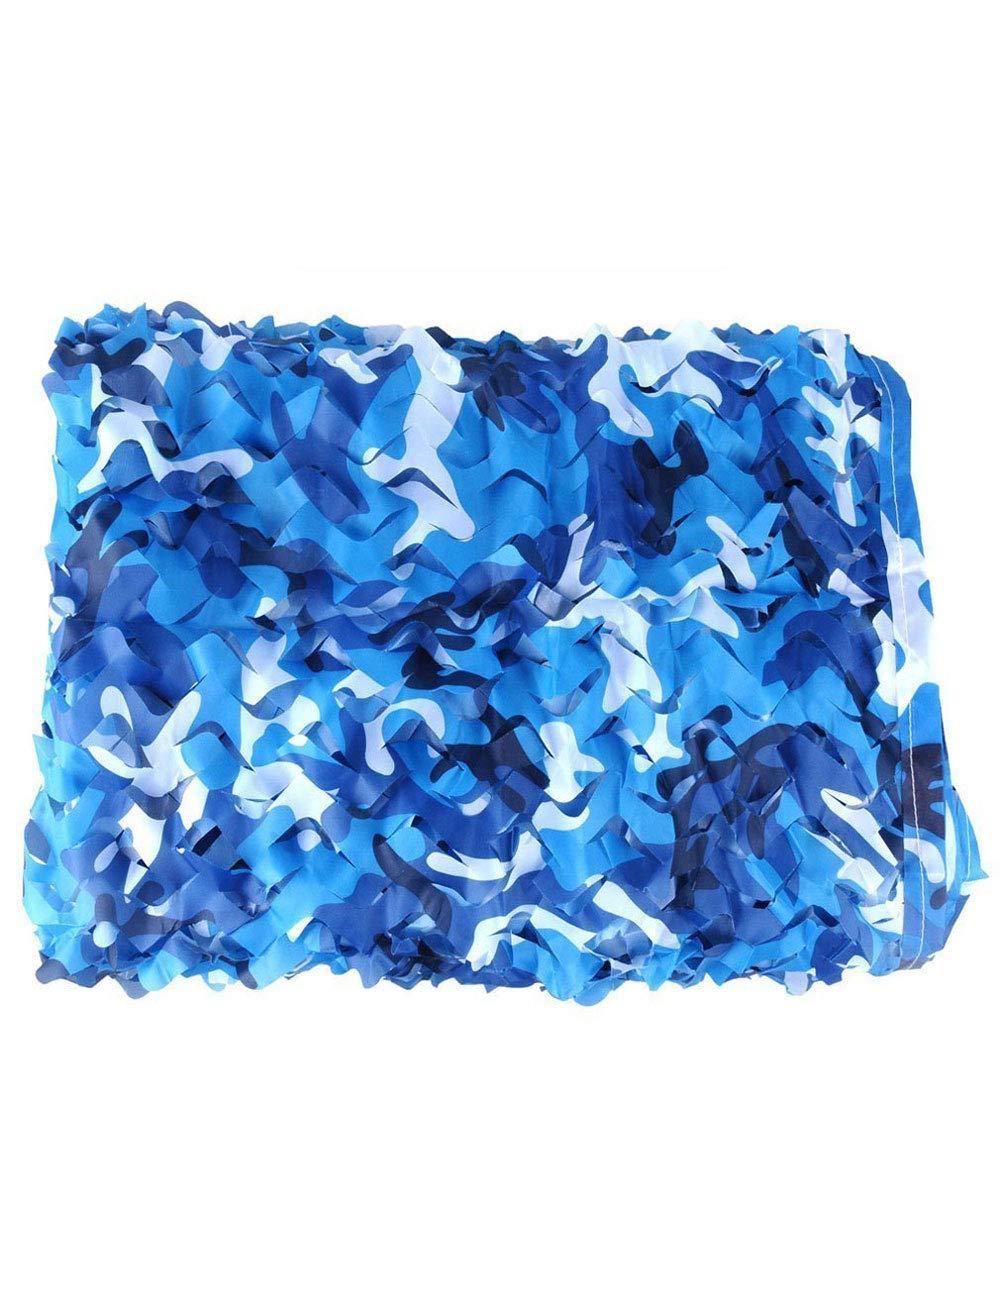 WNpb 2 X 3M Camouflage Filet Camouflage Filet Chasse Bleu Océan Camping Tente de Voiture Militaire pour Voiture Militaire Parasol (Couleur  Camouflage Océan) (Taille   6m×8m)  -